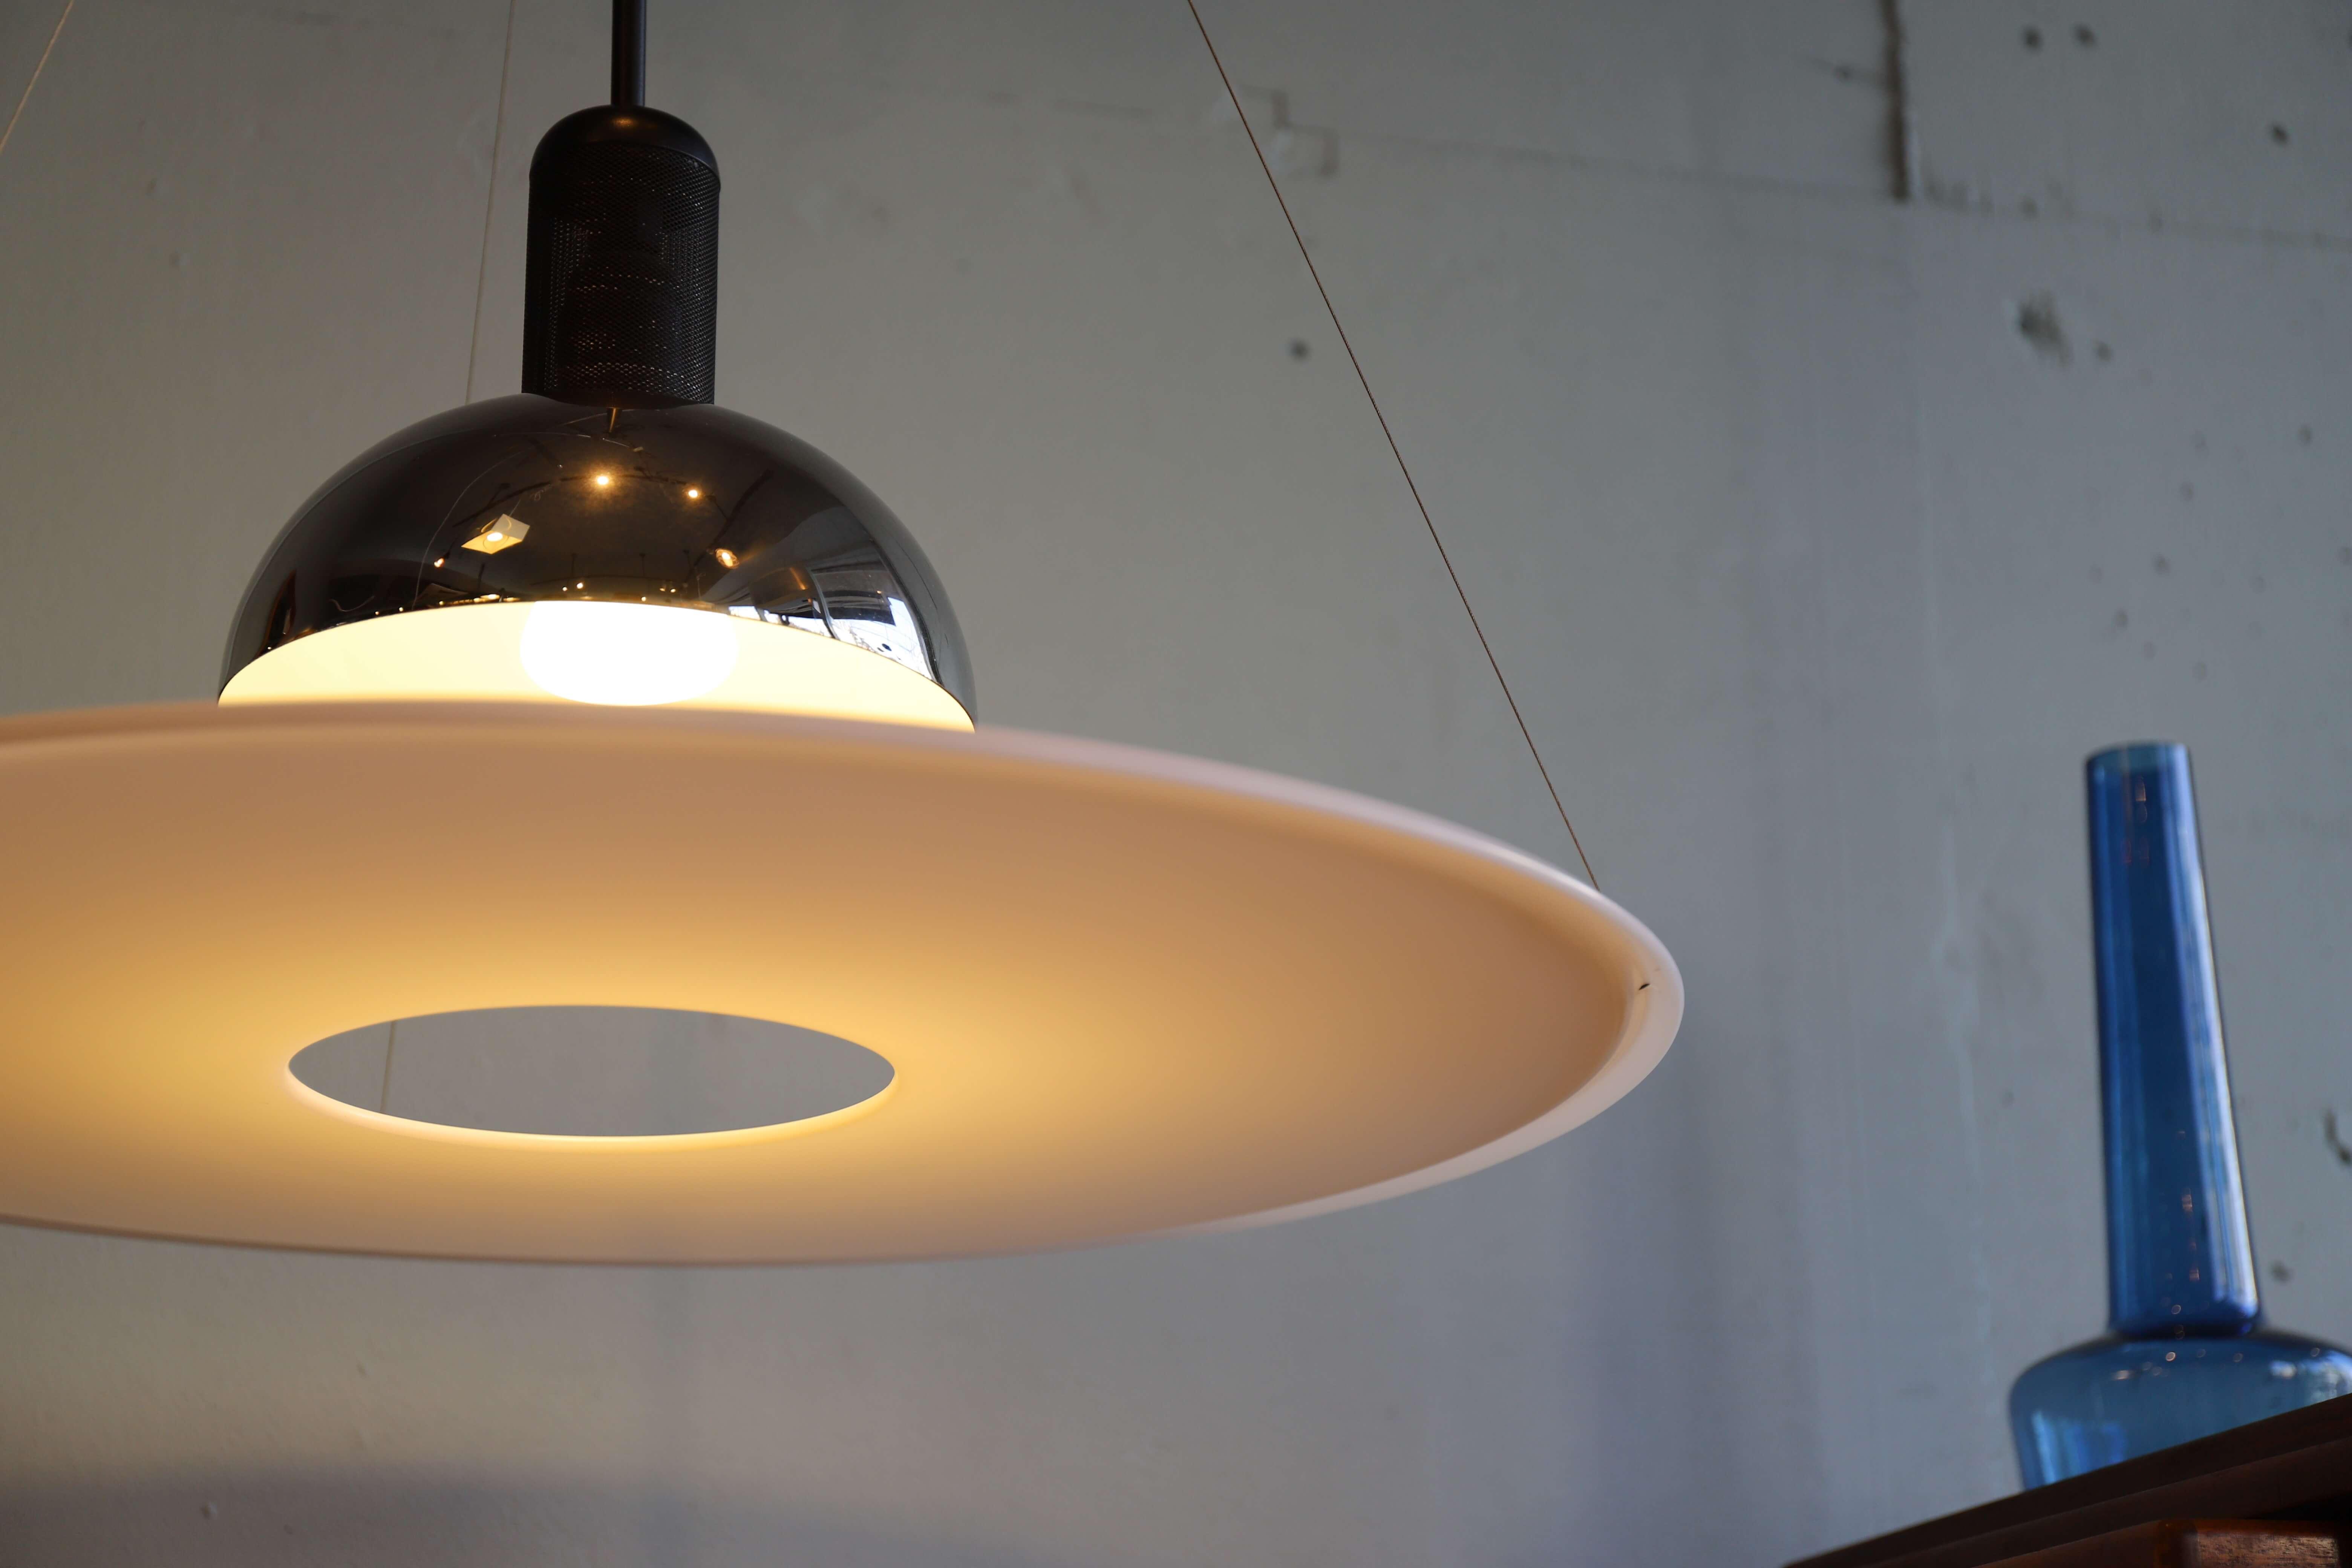 """1962年創立のモダン照明のトップブランド、『FLOS』。 そのFLOSの立ち上げで異才を大いに発揮した、イタリア出身のデザイナー、 アッキーレ・カスティリオーニが手掛けたペンダントライト、「FRISBI/フリスビー」。 """"フリスビー""""という名前の通り、円盤型のシェードが宙に浮かんでいるようなユニークなデザイン。 あかりを灯すと、中心の穴から真下に向かって光が射し、その周りで反射した光を 円盤型のシェードが柔らかく拡散してくれます。 お部屋が要所要所で必要とする光の条件を的確に満たし、 直接的な光と間接的な光の両方を上手く利用できるようにデザインされた、ダイニングに ぴったりなペンダントライトです。 また、真下以外は光源が直接目に入らないようになっているので、眩しさを防ぎ、 やさしい光で照らしてくれます。 私たちが日々の生活の中で""""明かり""""に求めるものを、強弱の光を巧みに操り、 ひとつのツールで見事に作り上げた、アッキーレ・カスティリオーニ。 フリスビーは『デザイナーの個性を強く主張するよりも、使い手の視点で物作りをする』という、 彼の思想が具現化されたデザインのひとつです。 淡い光と独特な存在感を放つ、「FRISBI/フリスビー」。 これもまたデザイン性と実用性を兼ねそろえた、実に優れたプロダクト。 変わったデザインが好きな方にはぜひフリスビーの光を体験していただきたいです。 ~【東京都杉並区阿佐ヶ谷北アンティークショップ 古一/ZACK高円寺店】 古一/ふるいちでは出張無料買取も行っております。杉並区周辺はもちろん、世田谷区・目黒区・武蔵野市・新宿区等の東京近郊のお見積もりも!ビンテージ家具・インテリア雑貨・ランプ・USED品・ リサイクルなら古一/フルイチへ~"""